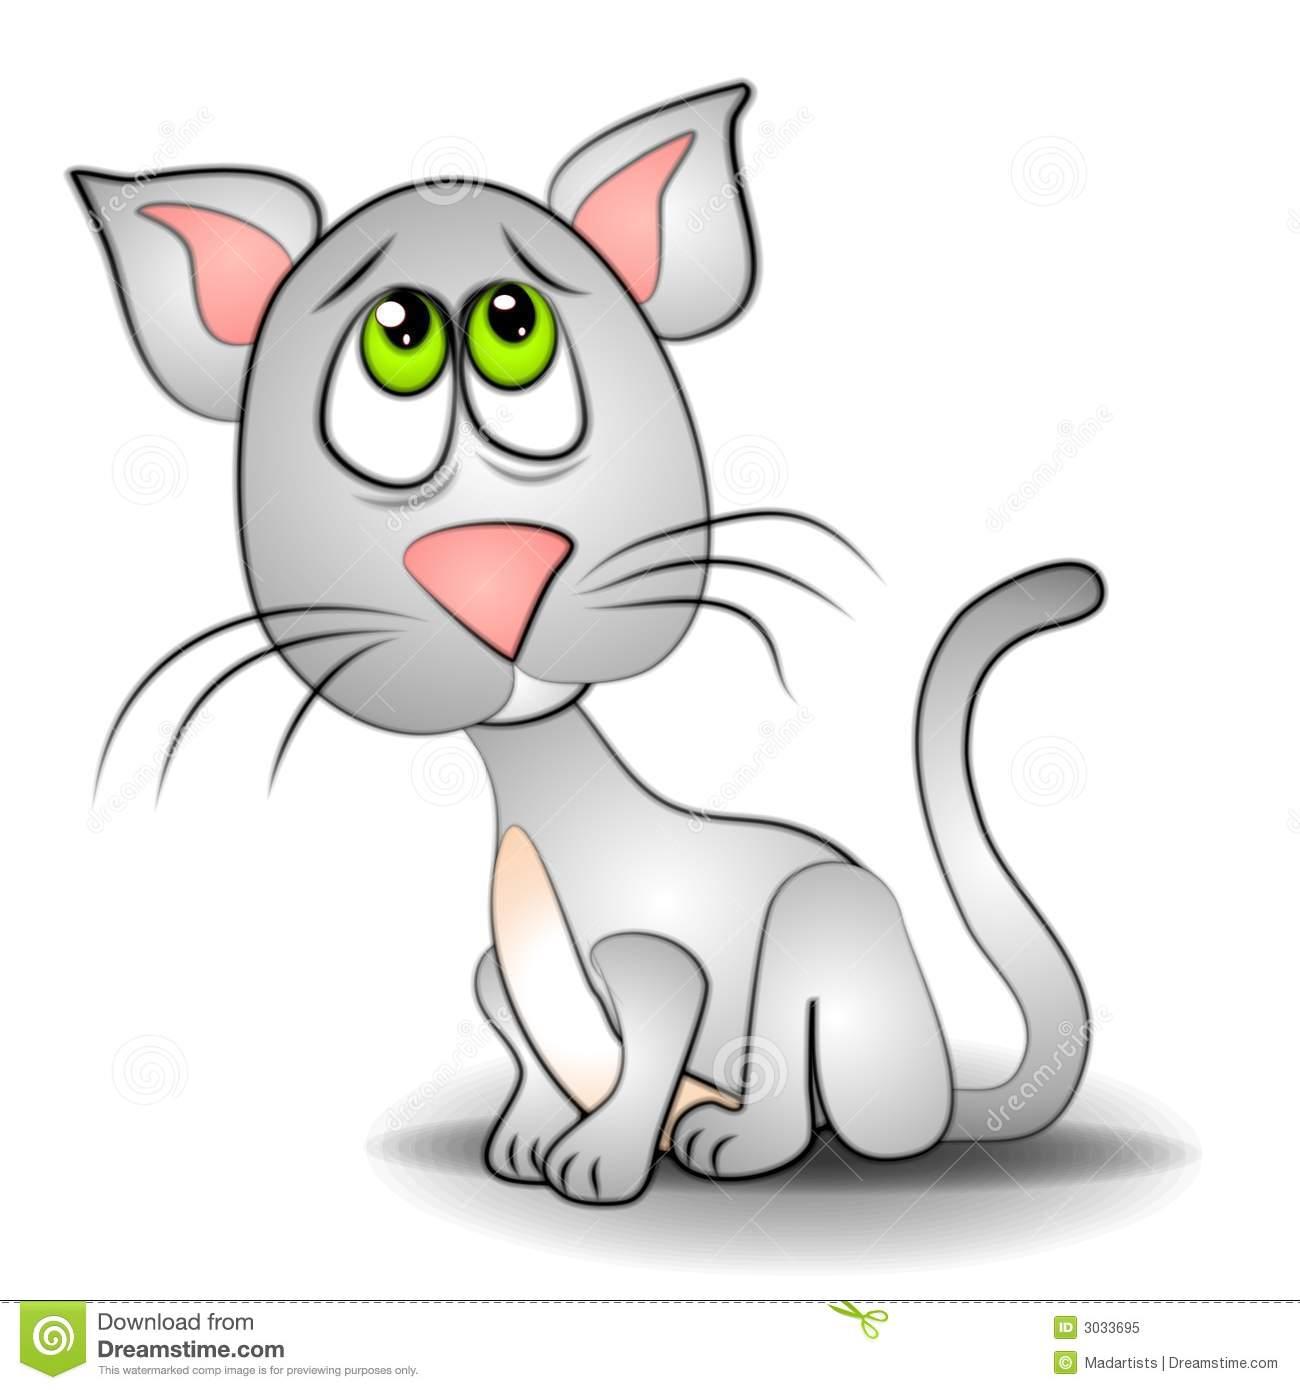 Sad Cat Clipart - Clipart Kid